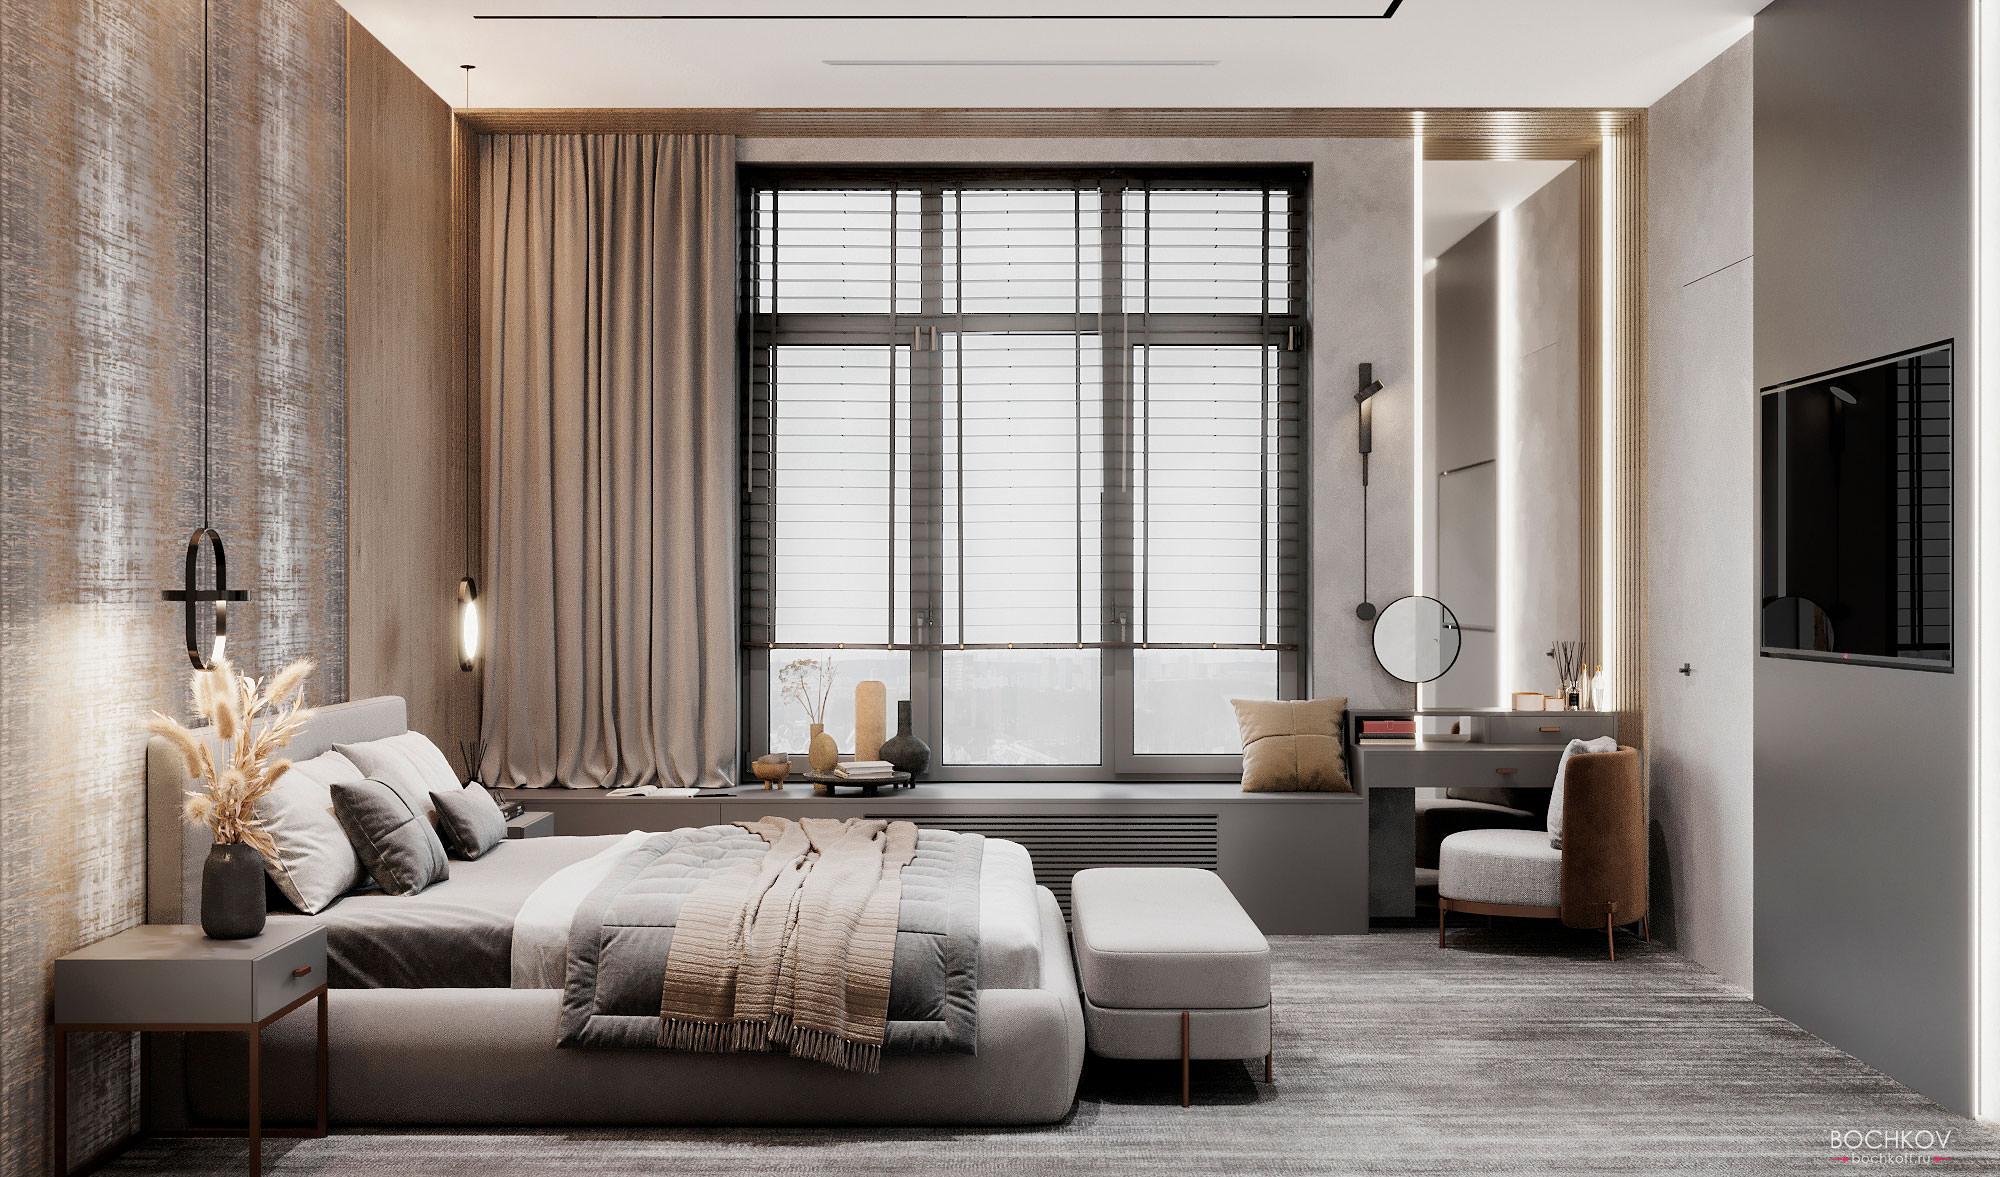 Спальная комната, вид 1, КД Ривьера